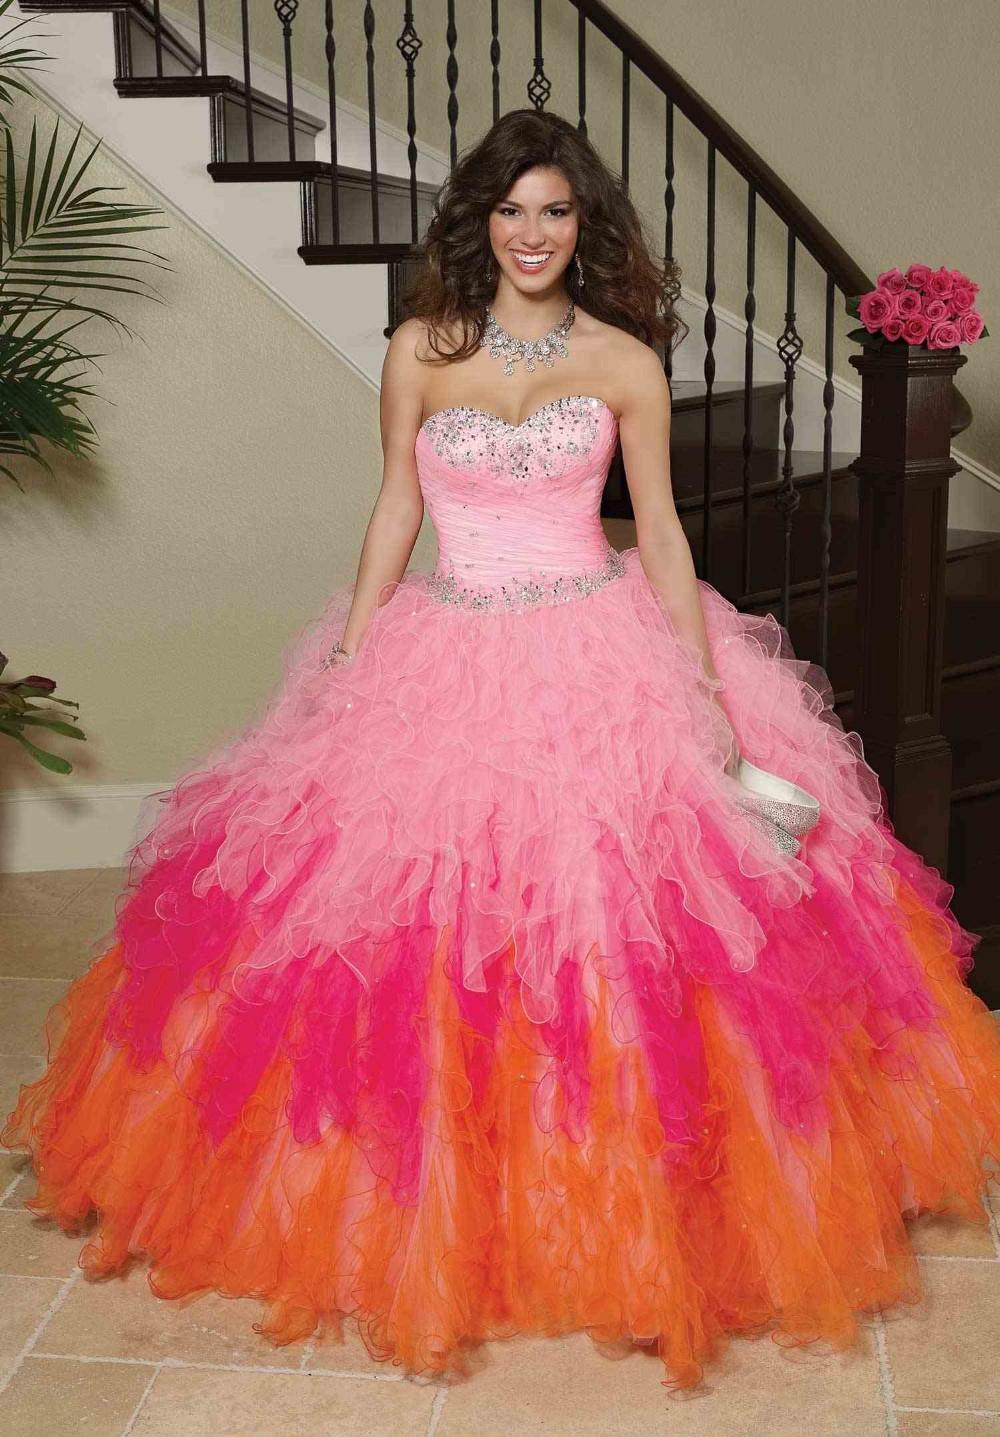 Prom-Dress-Vizcaya-Quinceanera-Dresses-88013-5421